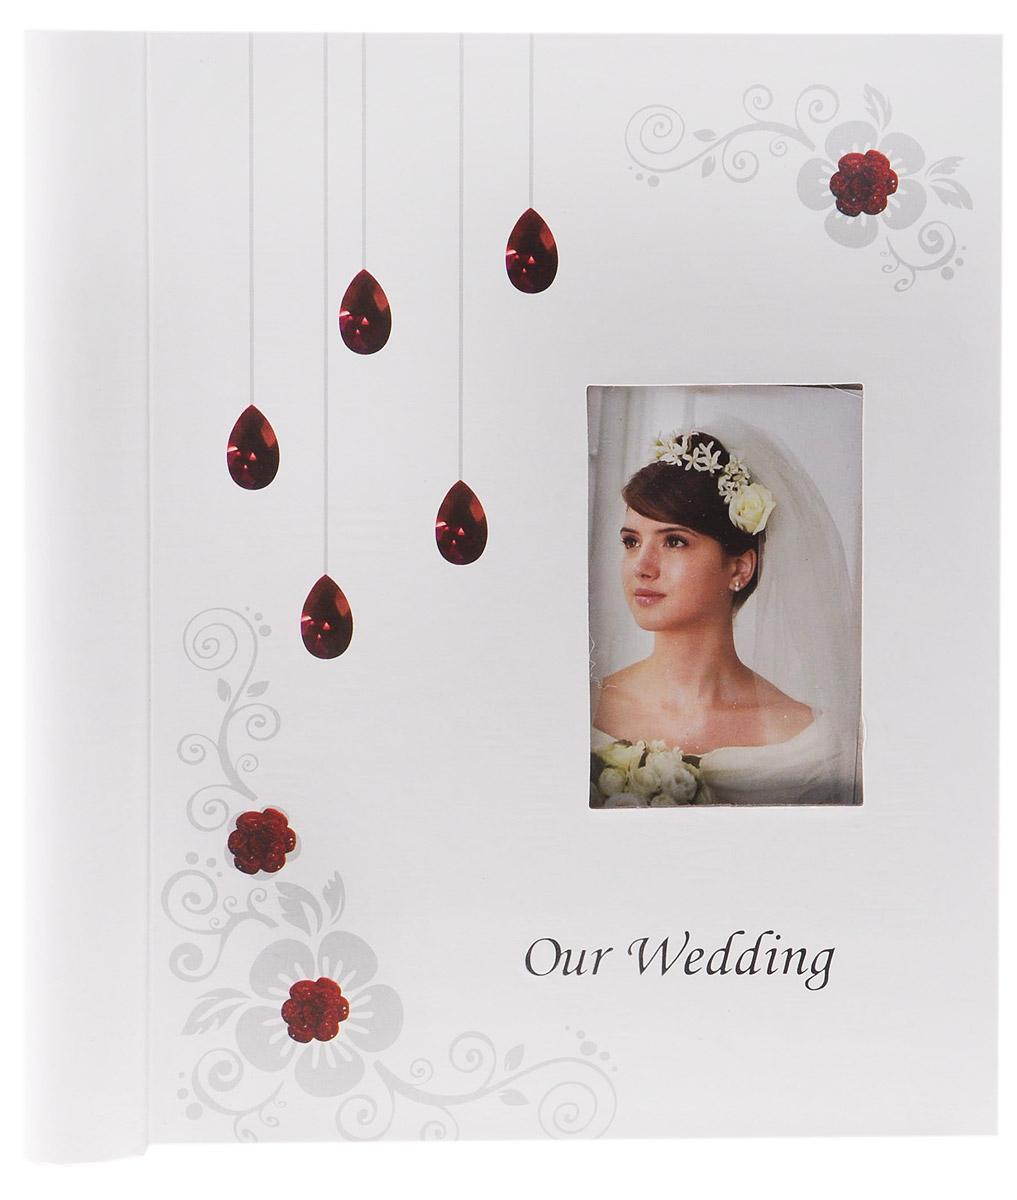 Фотоальбом Diesel Wedding story, 20 фотографий, 23 х 28 см 2226322263 FA_белый, рубиныФотоальбом Diesel Wedding story изготовленный из картона с клеевым покрытием и пленки ПВХ, поможет красиво оформить ваши свадебные фотографии. Обложка выполнена из толстого картона. С лицевой стороны обложки имеется окошко для вашей самой любимой фотографии. Внутри содержится блок из 20 магнитных листов, которые размещены на пластиковых кольцах. Альбом с магнитными листами удобен тем, что он позволяет размещать фотографии разных размеров. В альбоме предусмотрены поля для записей. Листы размещены на пластиковых кольцах.Нам всегда так приятно вспоминать о самых счастливых моментах жизни, запечатленных на фотографиях. Поэтому фотоальбом является универсальным подарком к любому празднику. Размер листа: 23 см х 28 см.